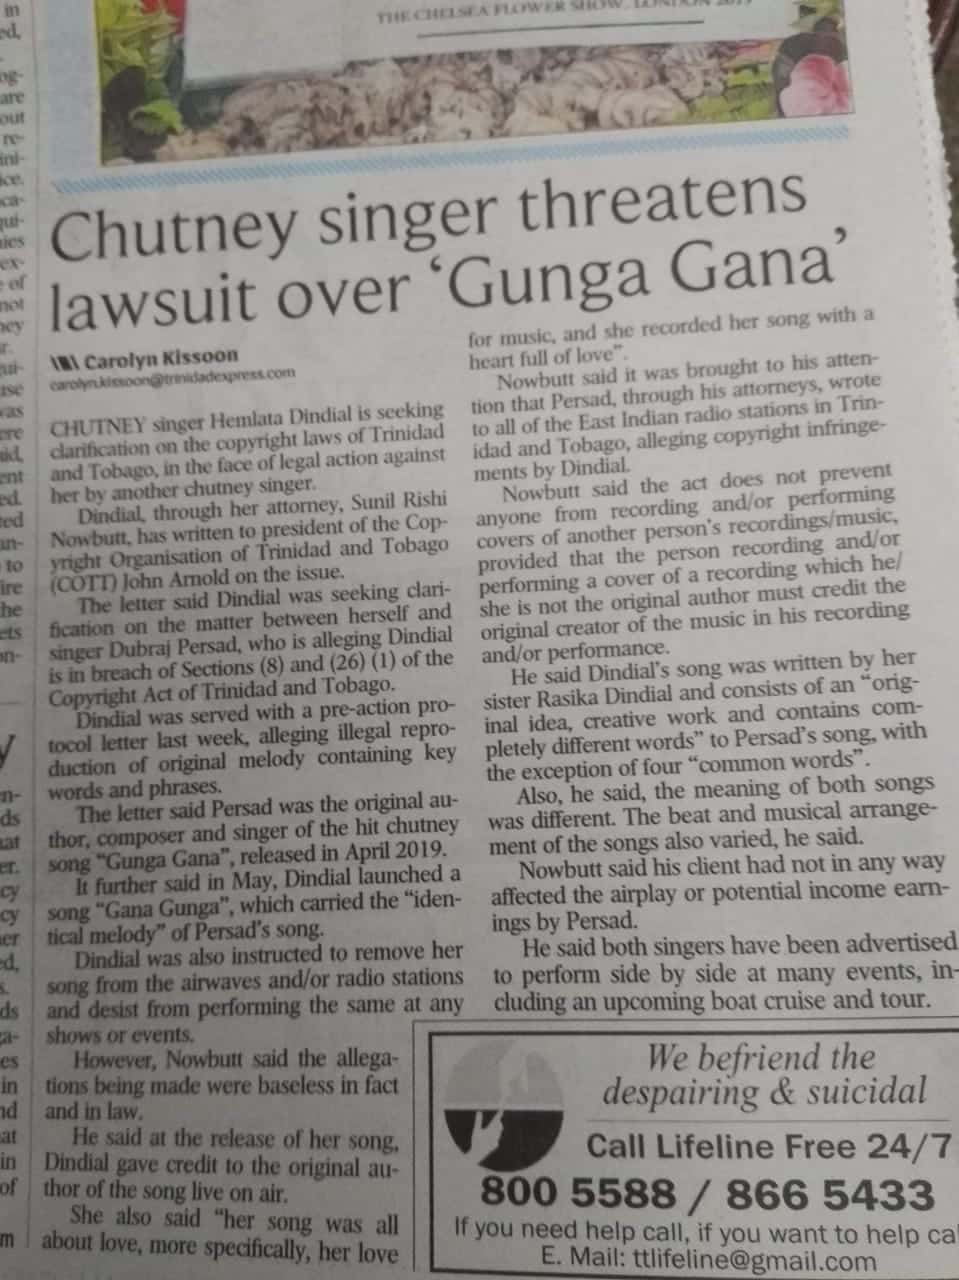 Chutney Singer Threatens Lawsuit Over Gunga Gana